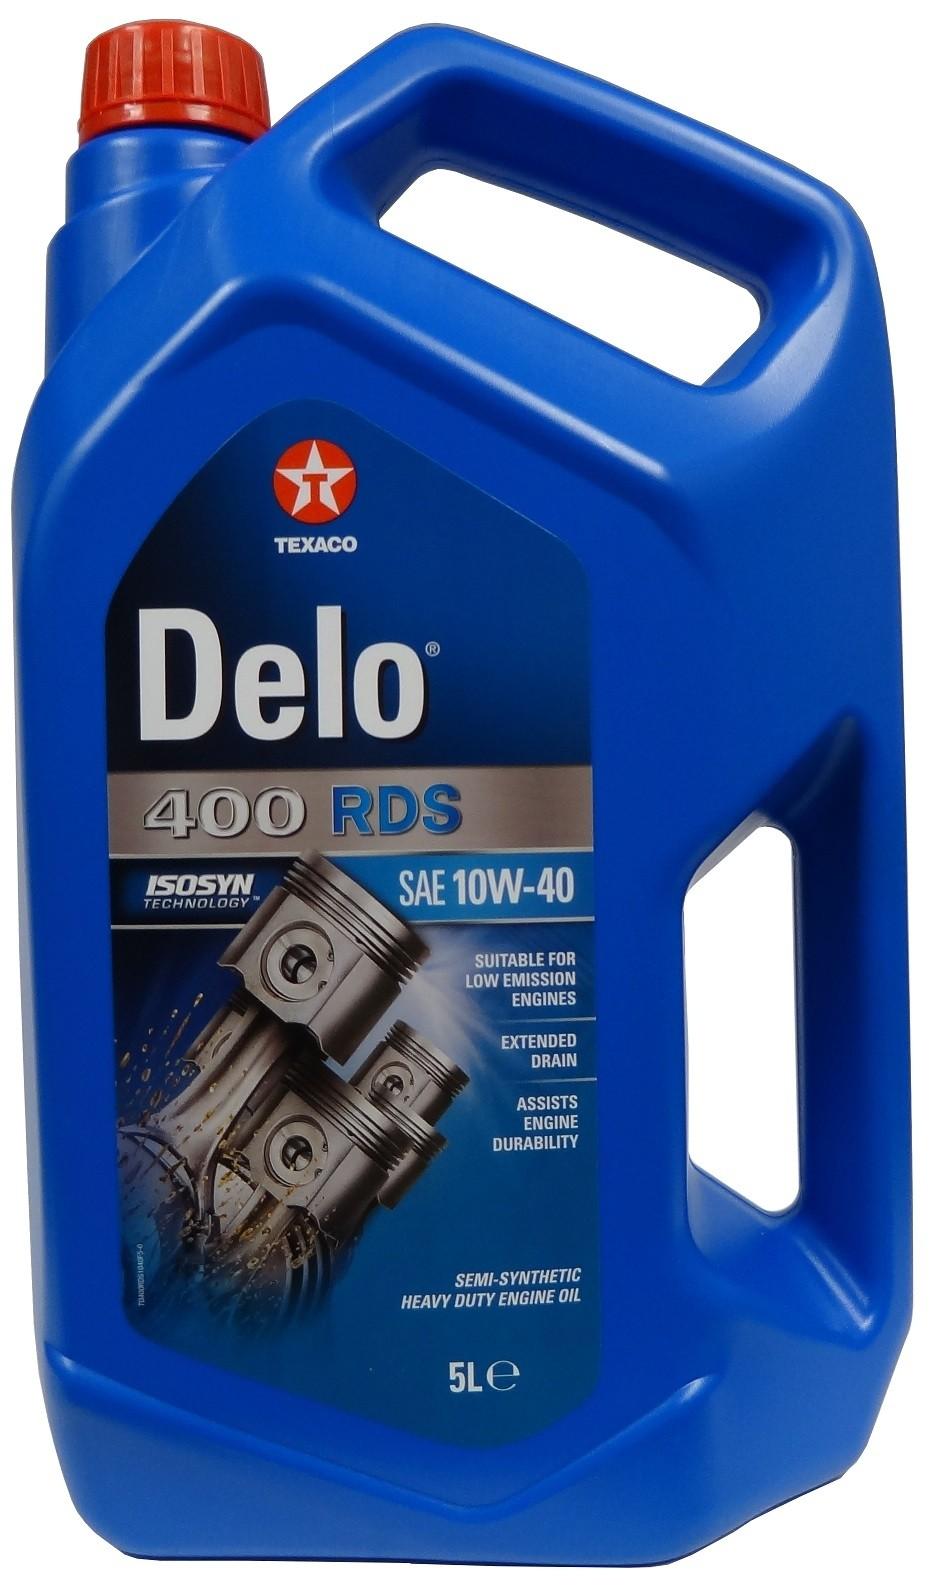 TEXACO DELO 400 RDS 10W-40 5L